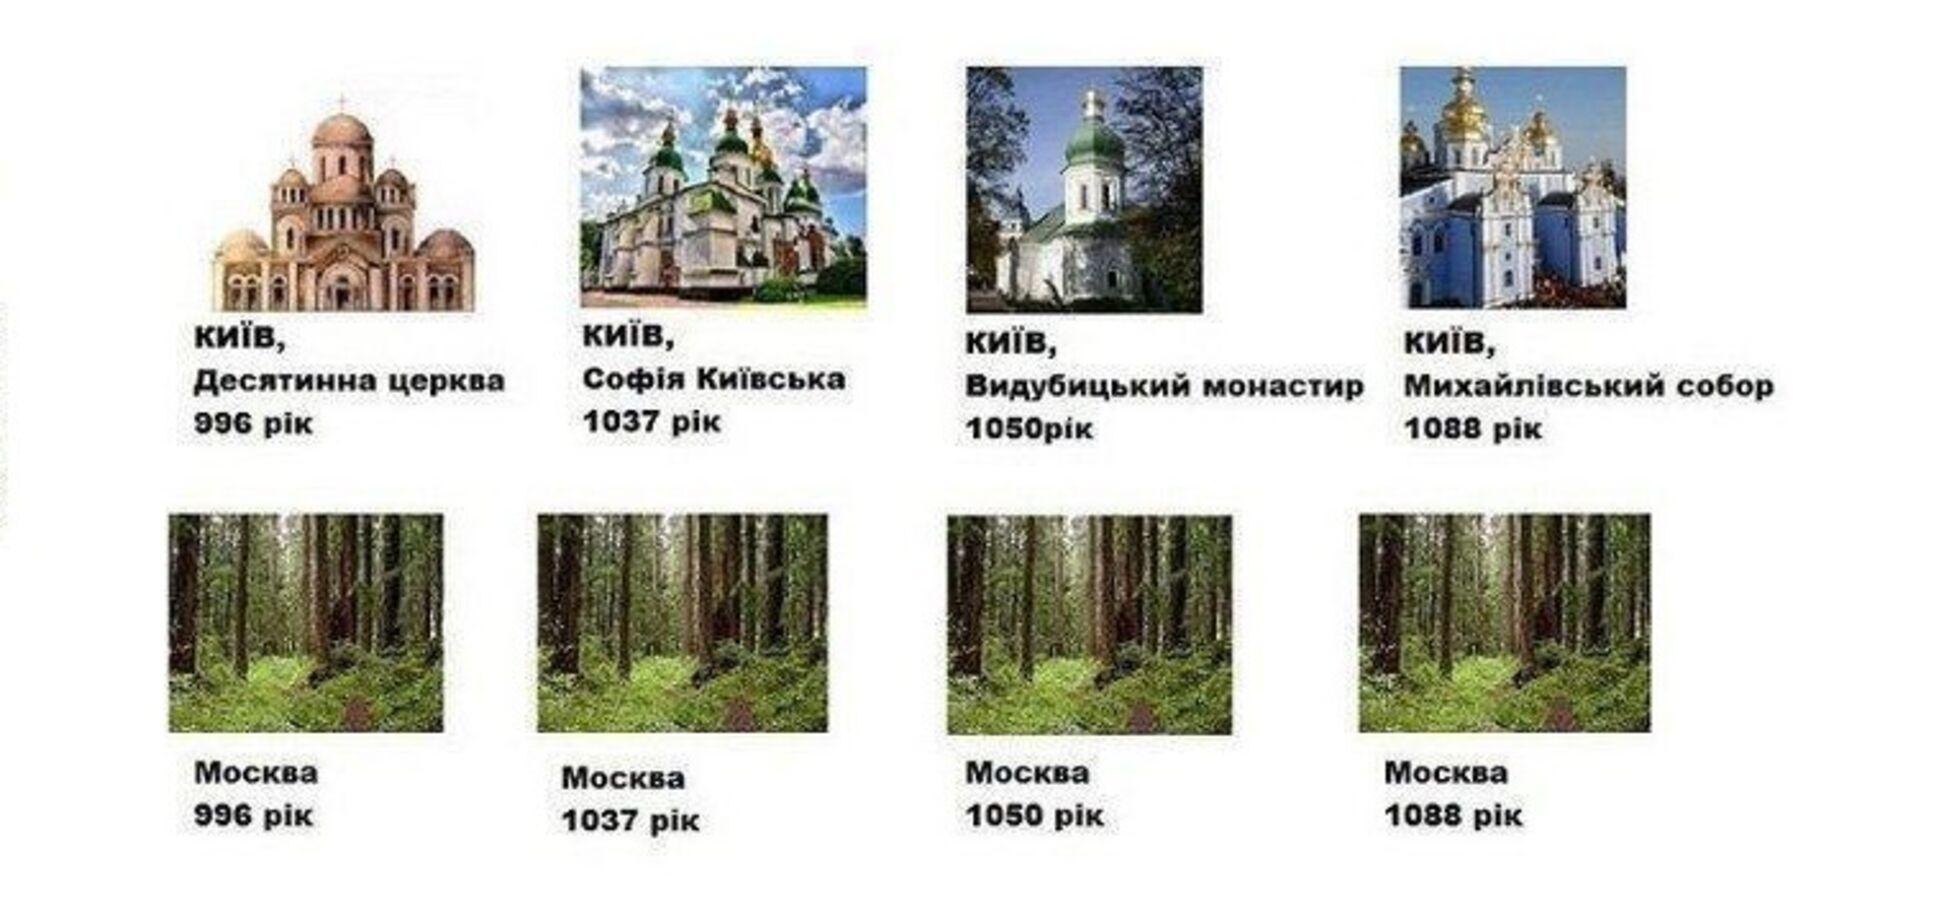 ''Коли ви злізли з дерева?'' Соловйов уїдливо образив українців на росТБ